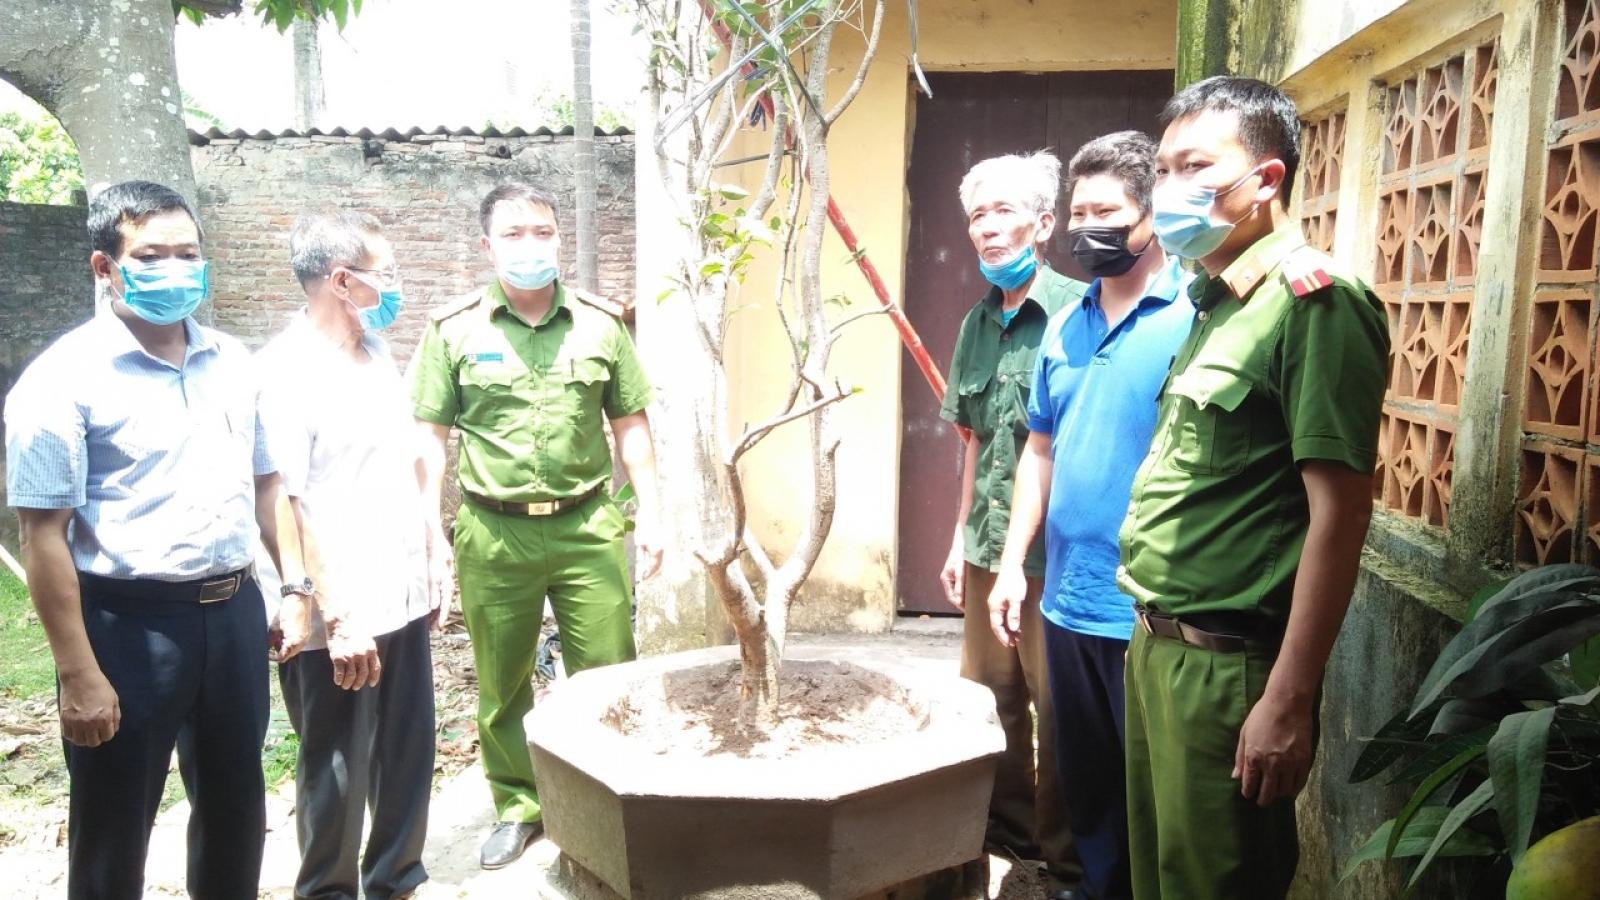 Hưng Yên bắt giữ các đối tượng trộm cắp cây mộc hương tại đình làng